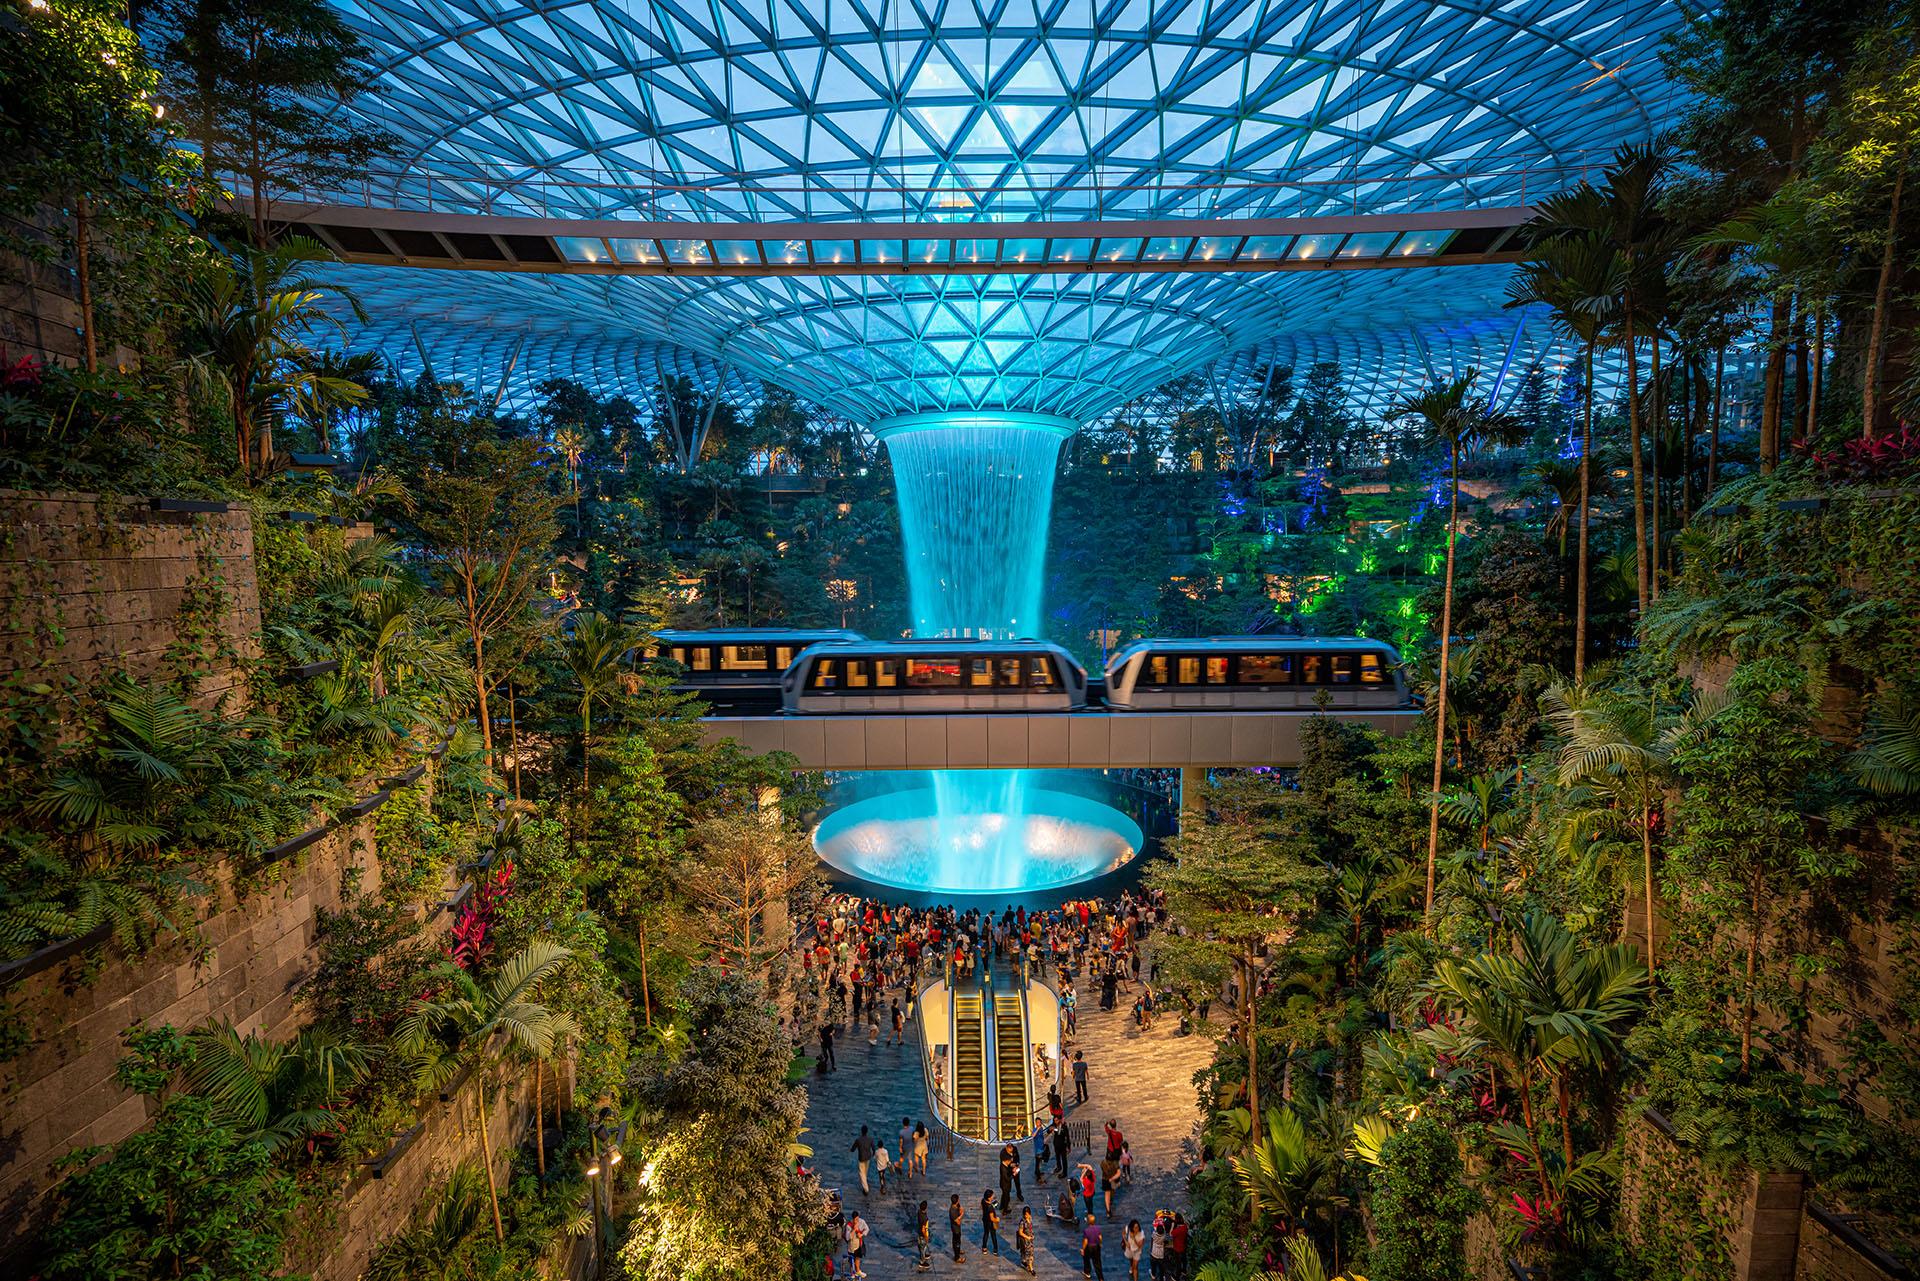 El aeropuerto de Singapur Changi está lleno de atracciones, que incluyen dos salas de cine, cientos de tiendas minoristas, múltiples jardines, galerías de arte y un laberinto